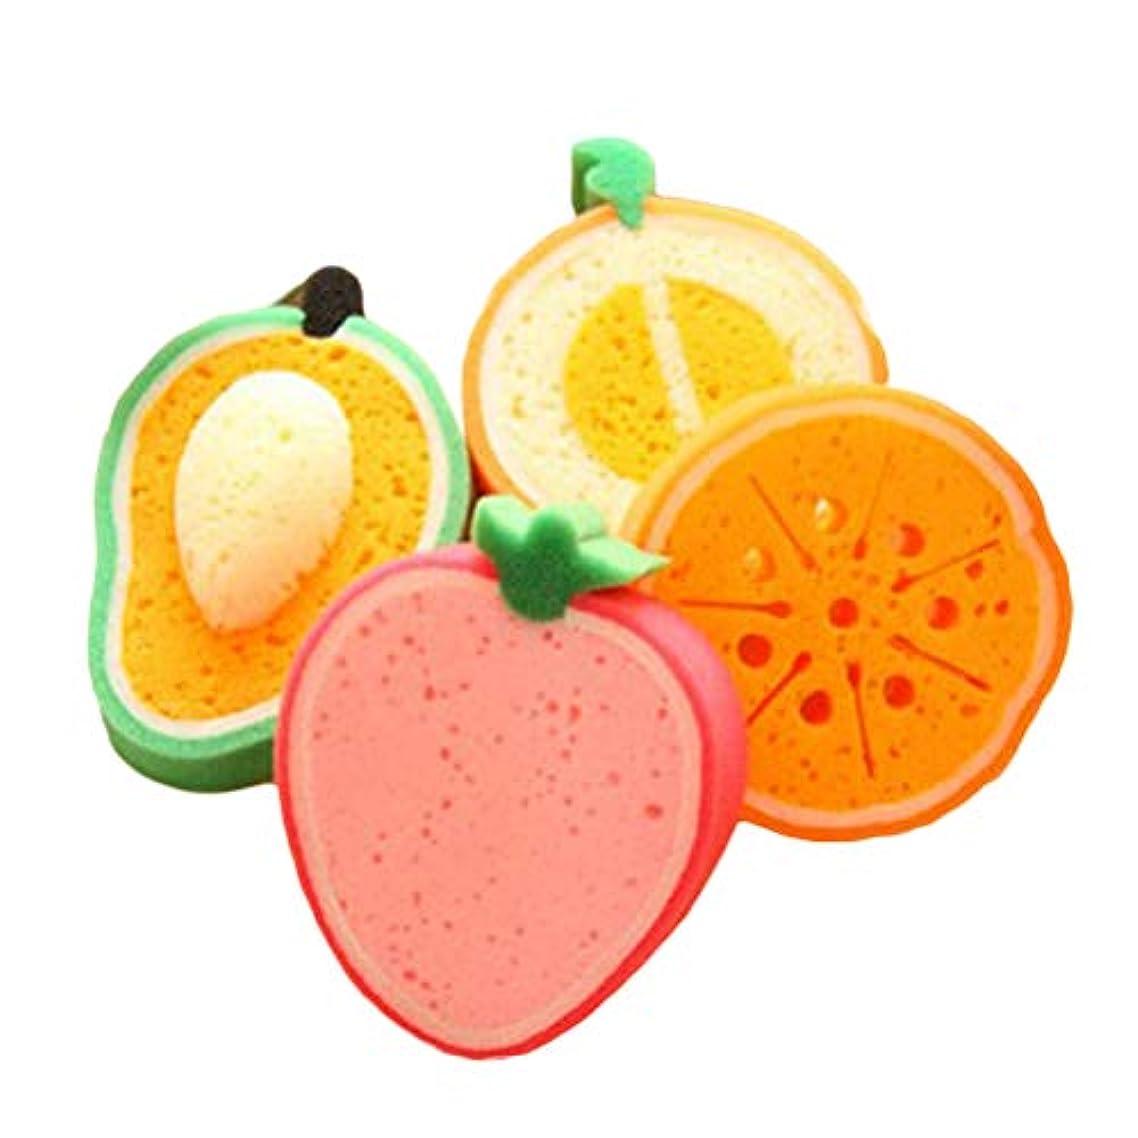 なんでも廃棄する前HEALIFTY 4本のベイビーバススポンジ、マンゴーの4つのファンキーフルーツスポンジセットハニー?ドウ?メロンオレンジとストロベリー